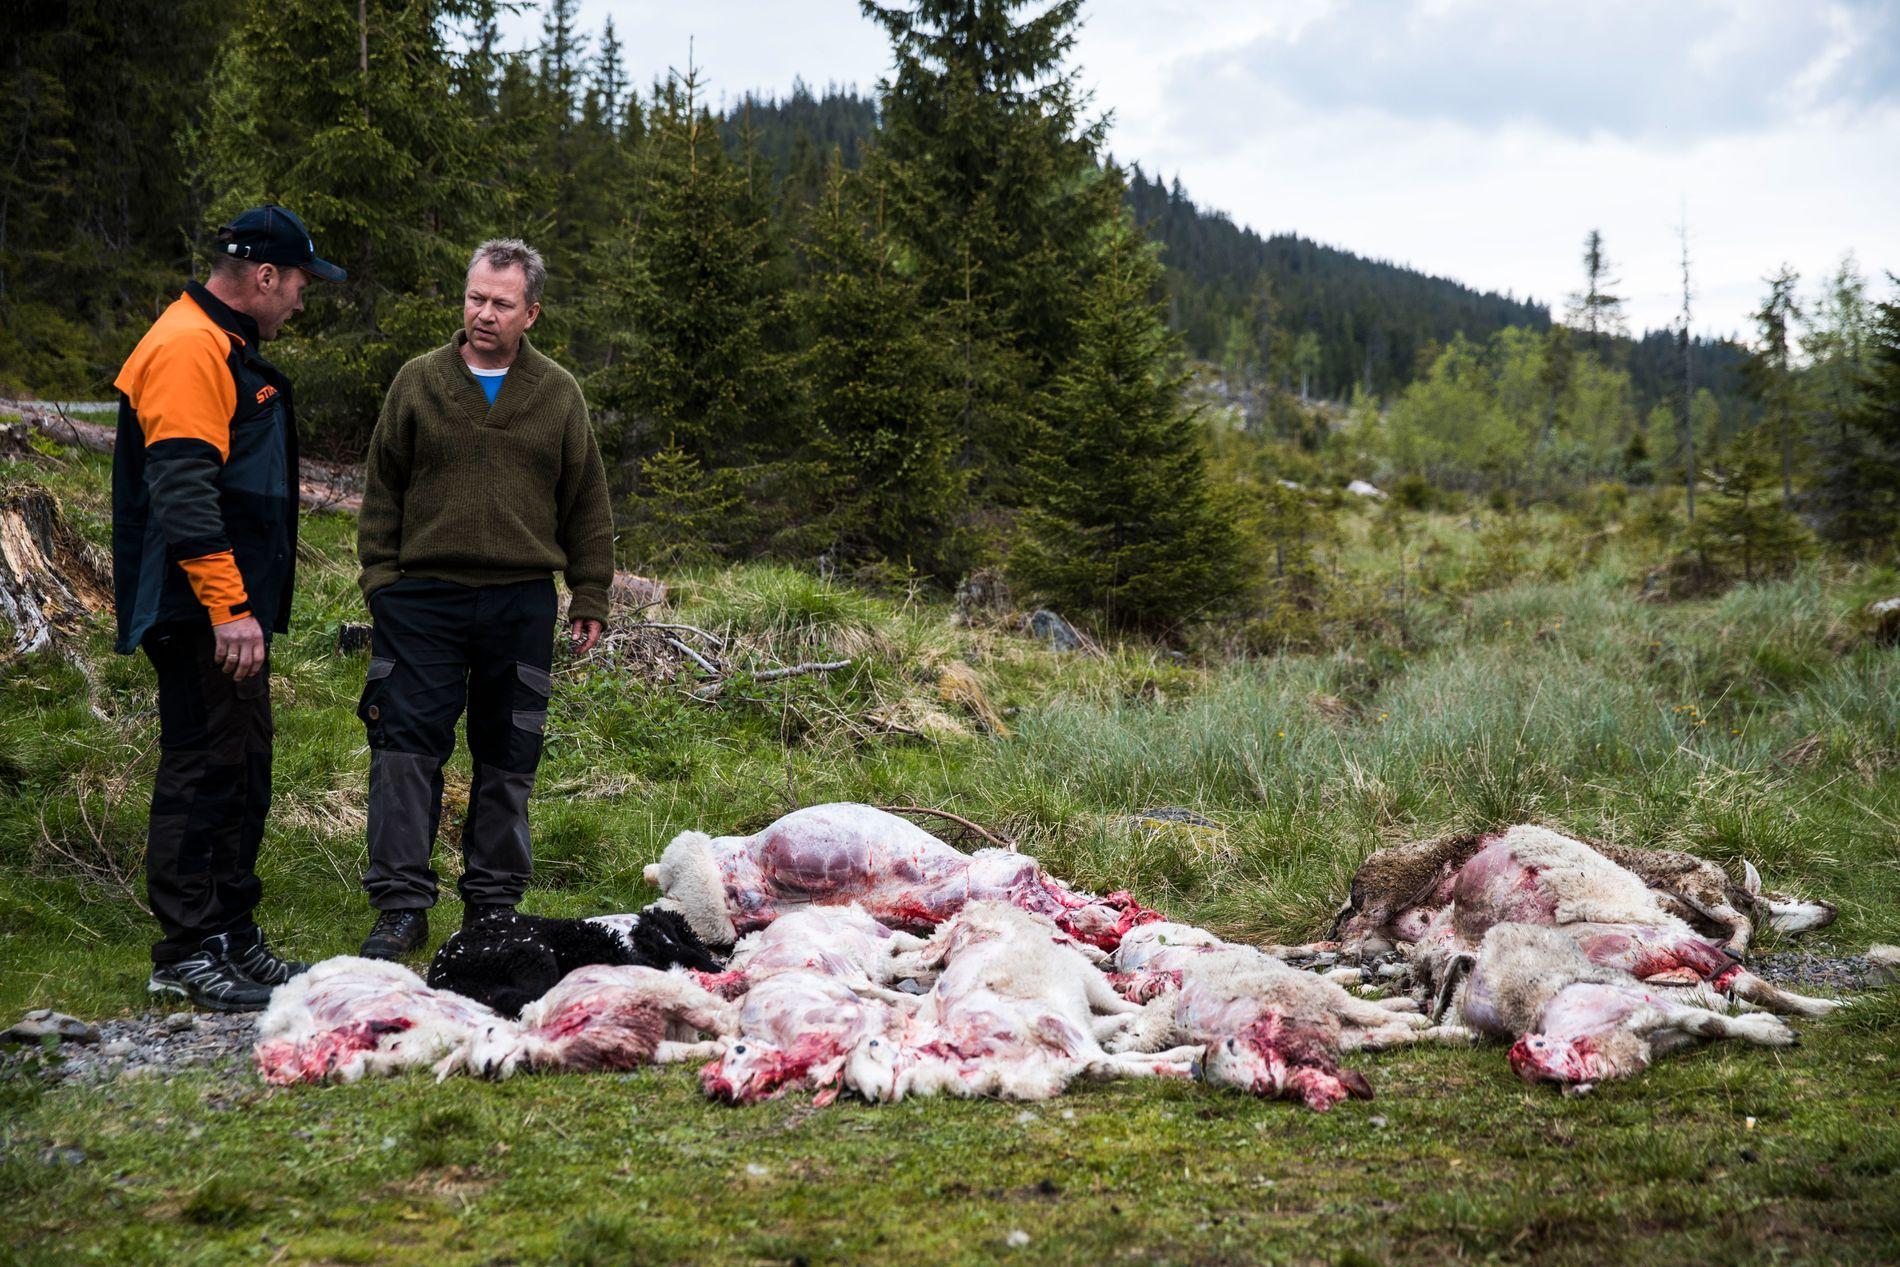 BRUTALT: Den siste uken har det vært tre ulveangrep i Gran og et angrep i Hurdal som har tatt over 80 saueliv. Styreleder Kjetil Ulset (til venstre) i Gran sauebeitelag og leder Hans Kristian Skaug i sauebeitelaget i Lunner og Jevnaker.